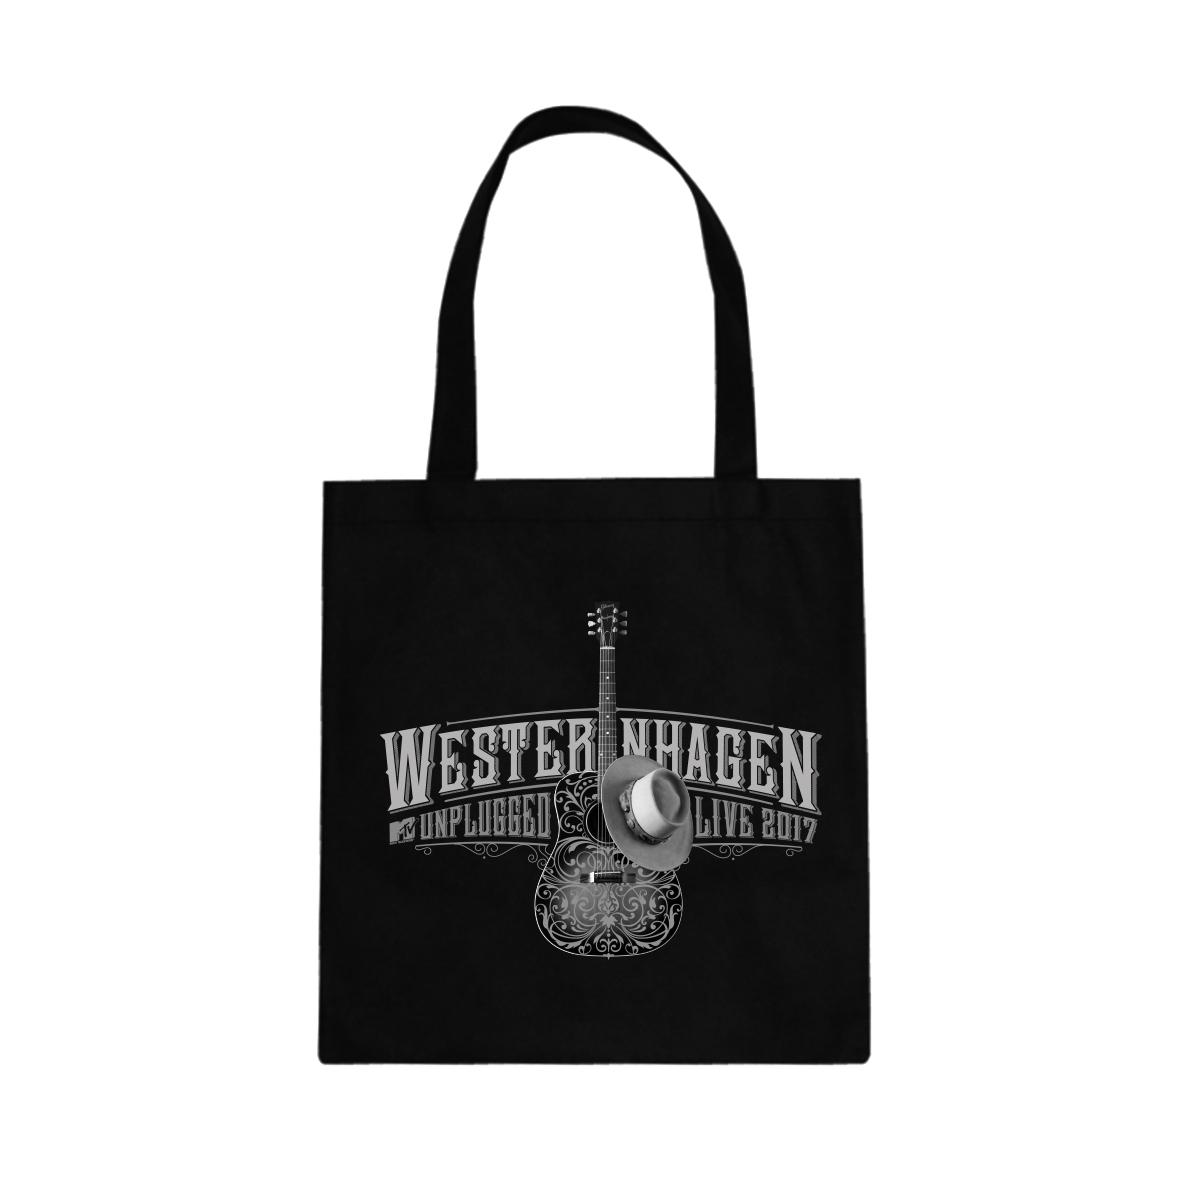 Westernhagen Unplugged Tote Bag Tasche, Schwarz